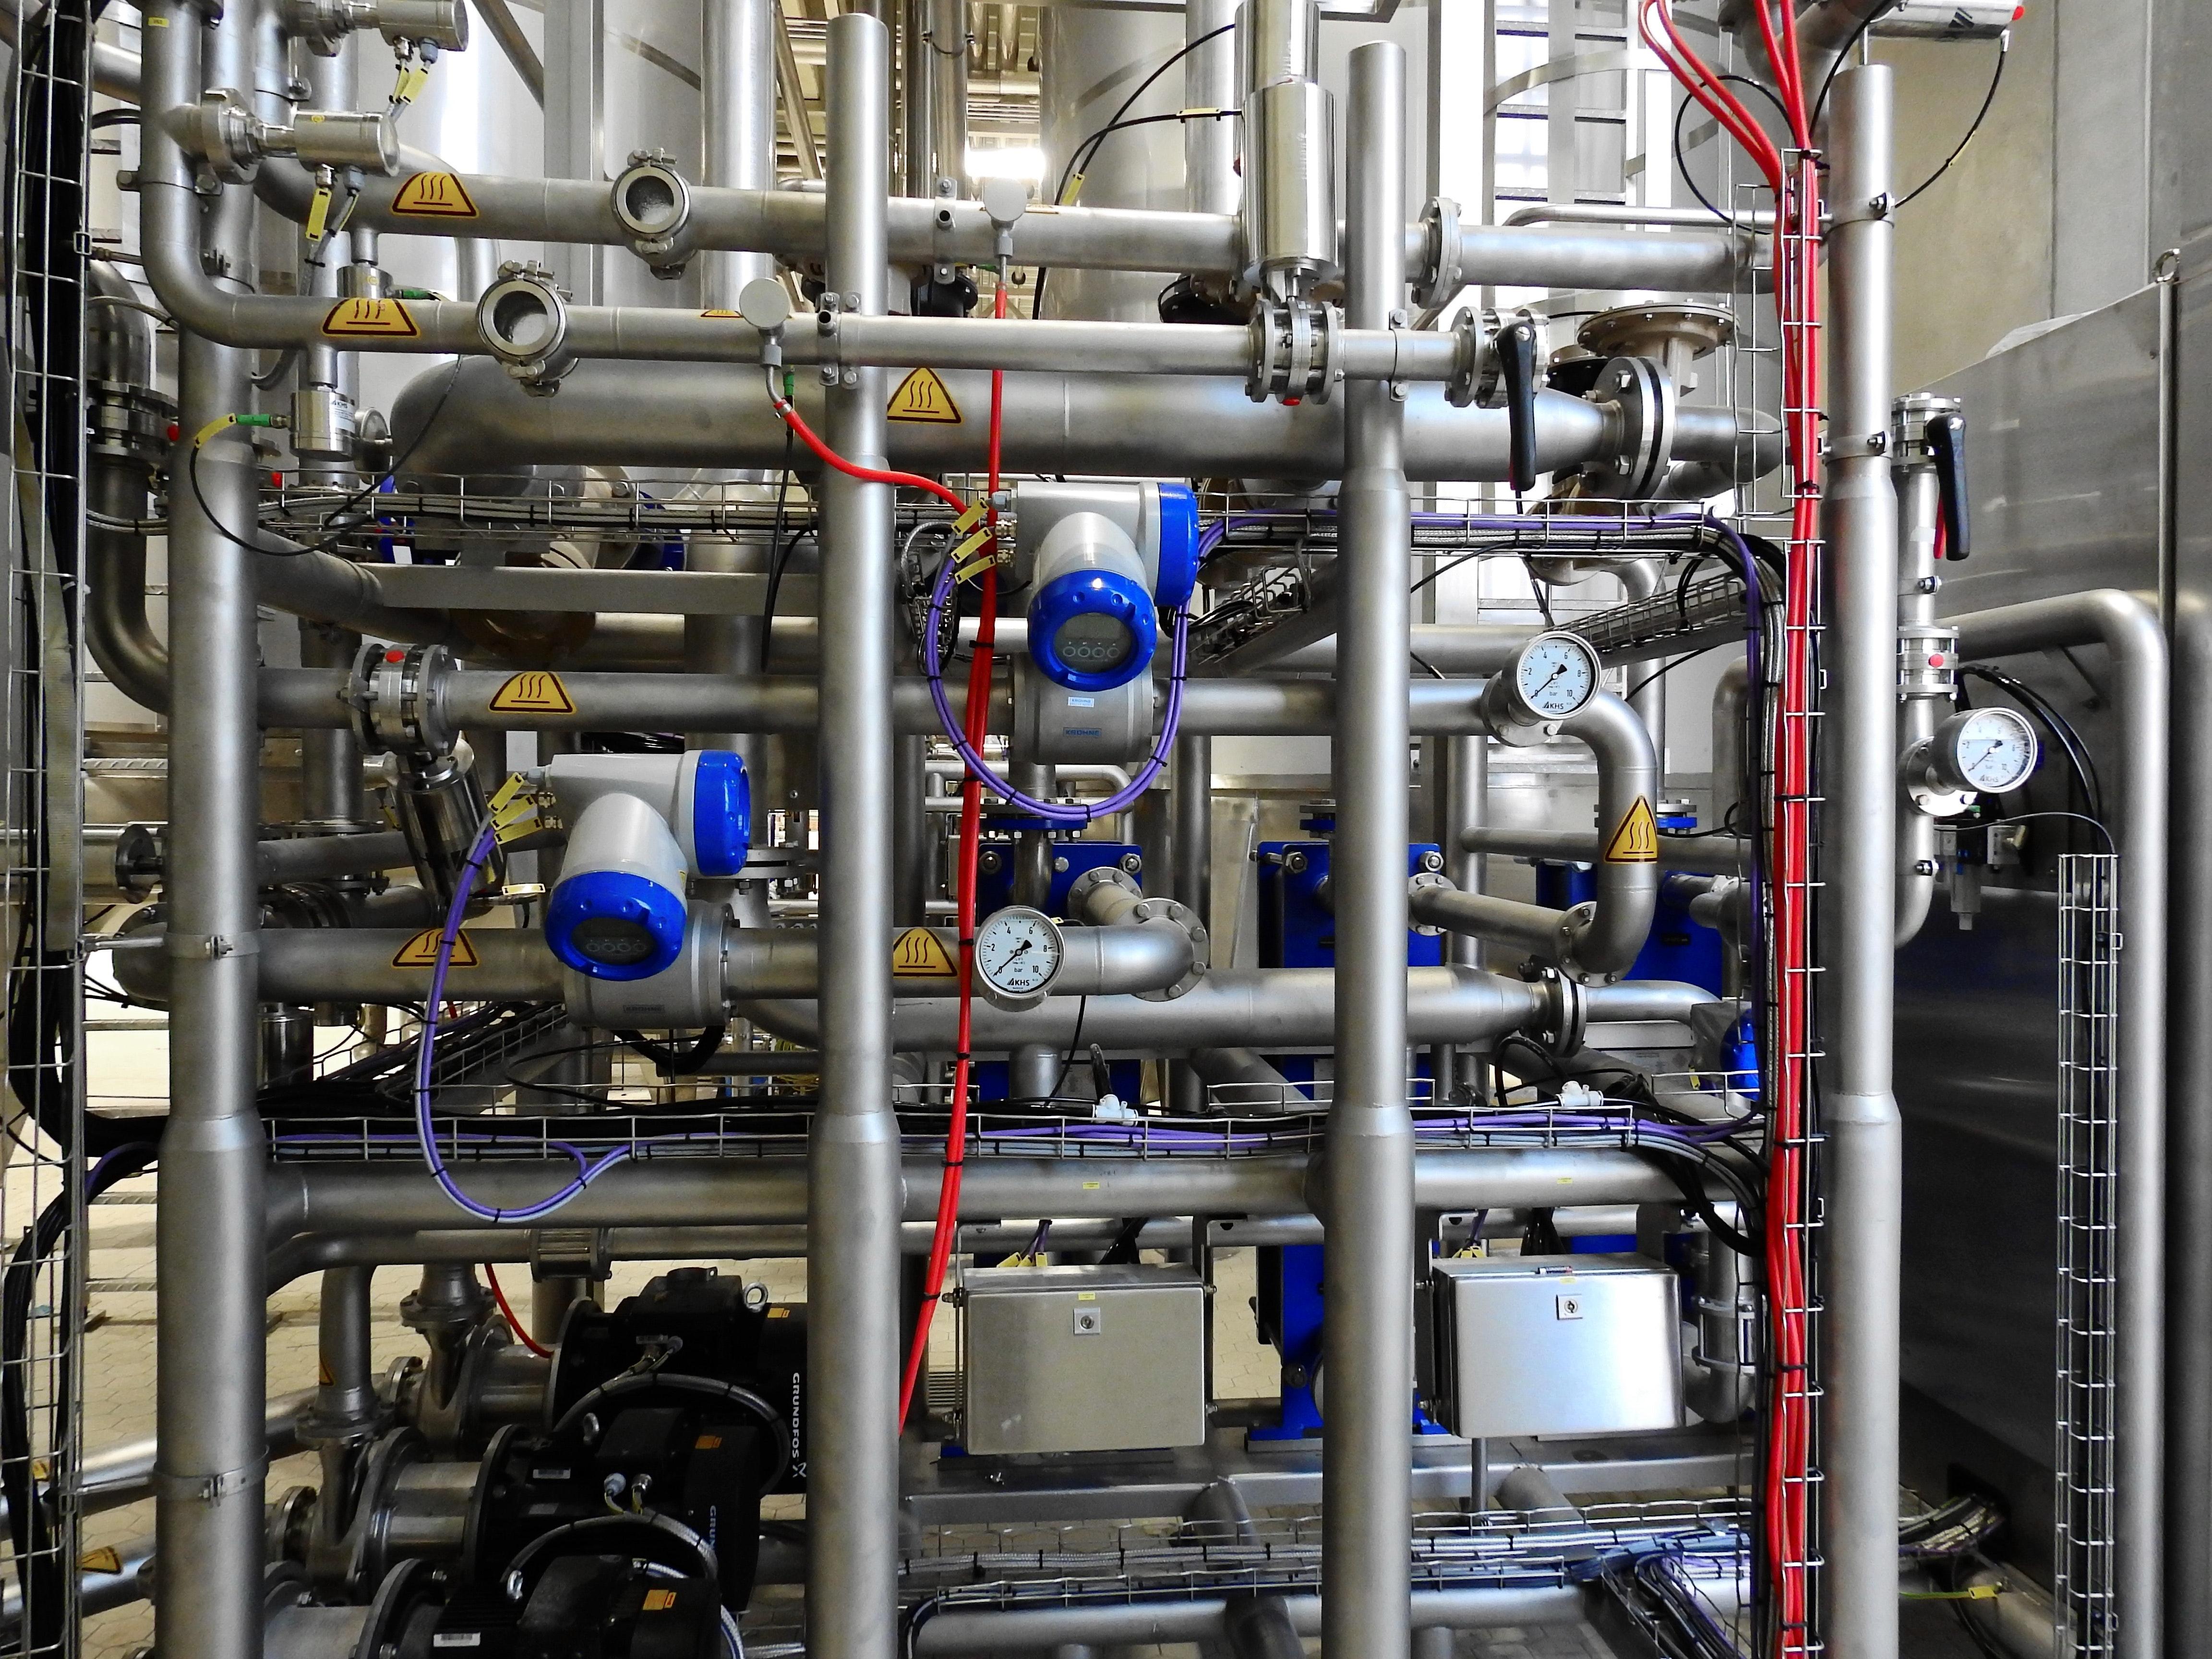 equipment-factory-industrial-371938